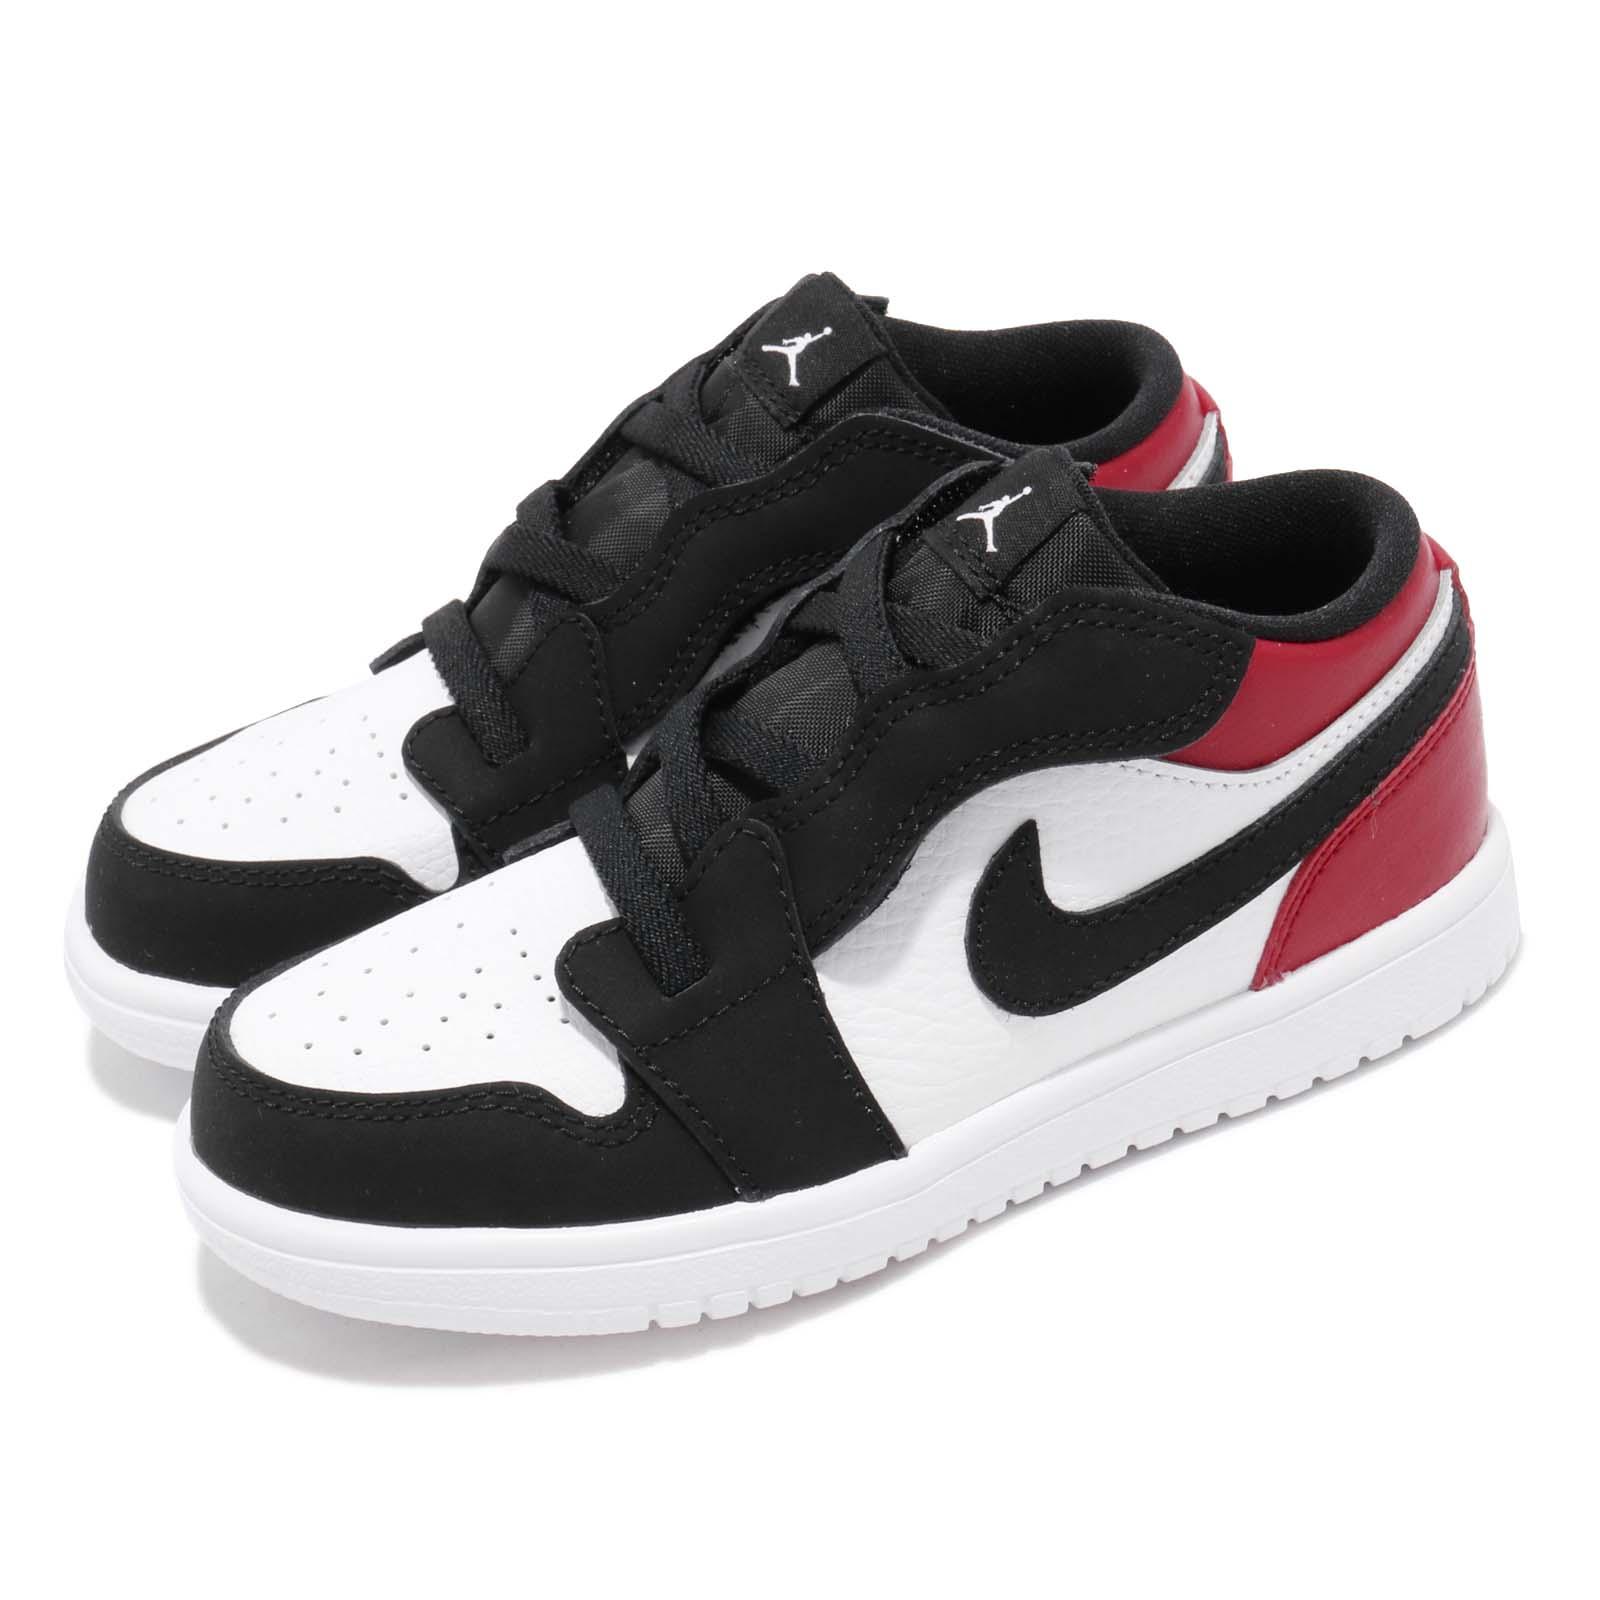 Nike 休閒鞋 Jordan 1 Low ALT 童鞋 CI3436-116